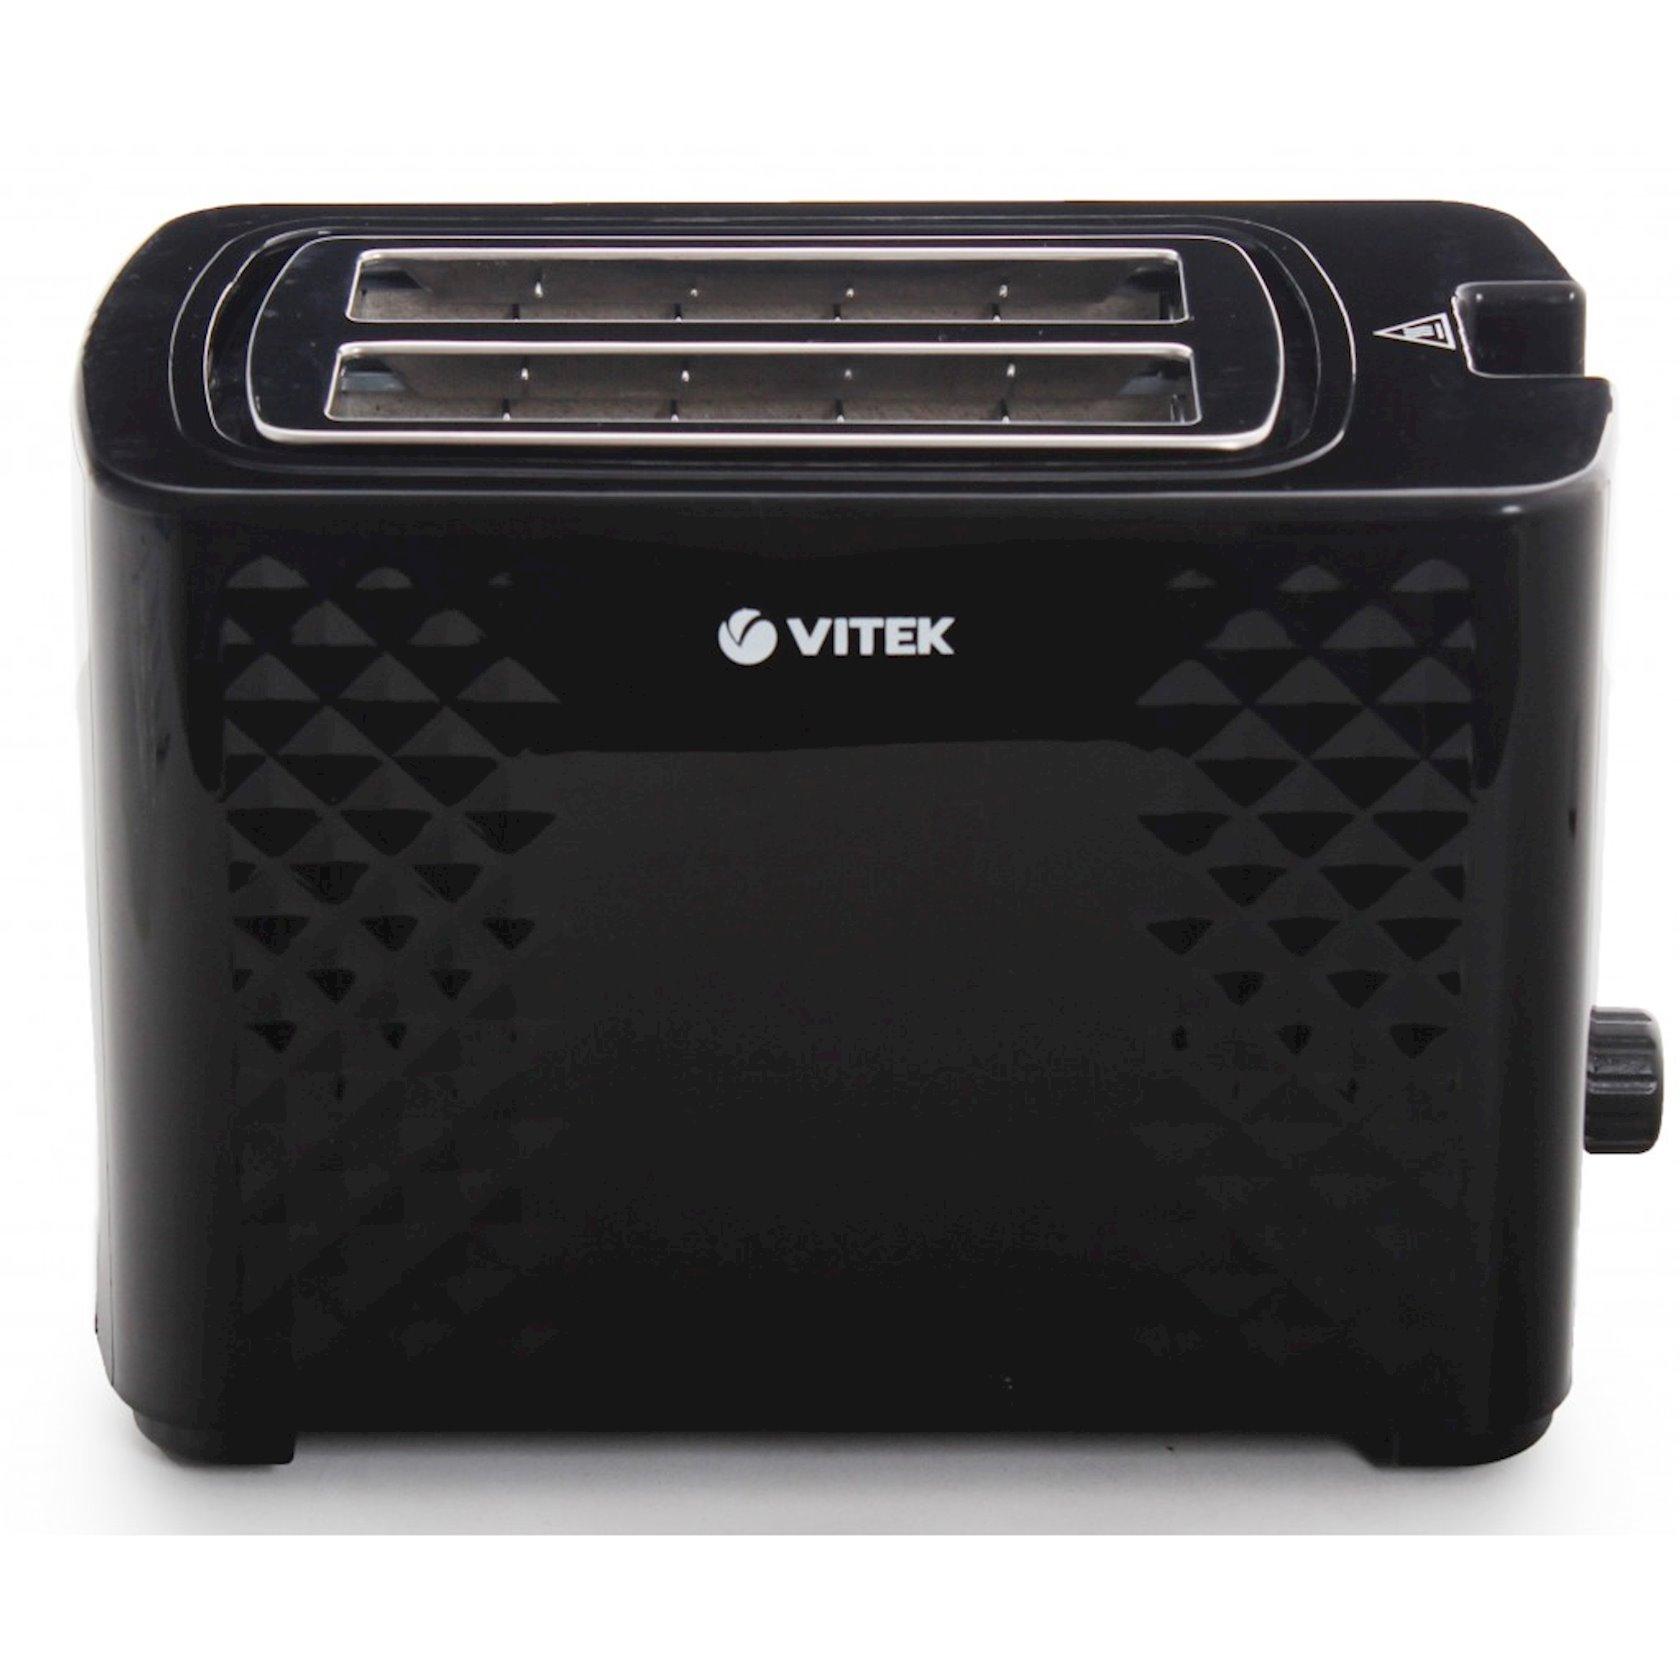 Toster Vitek VT-1586 Black